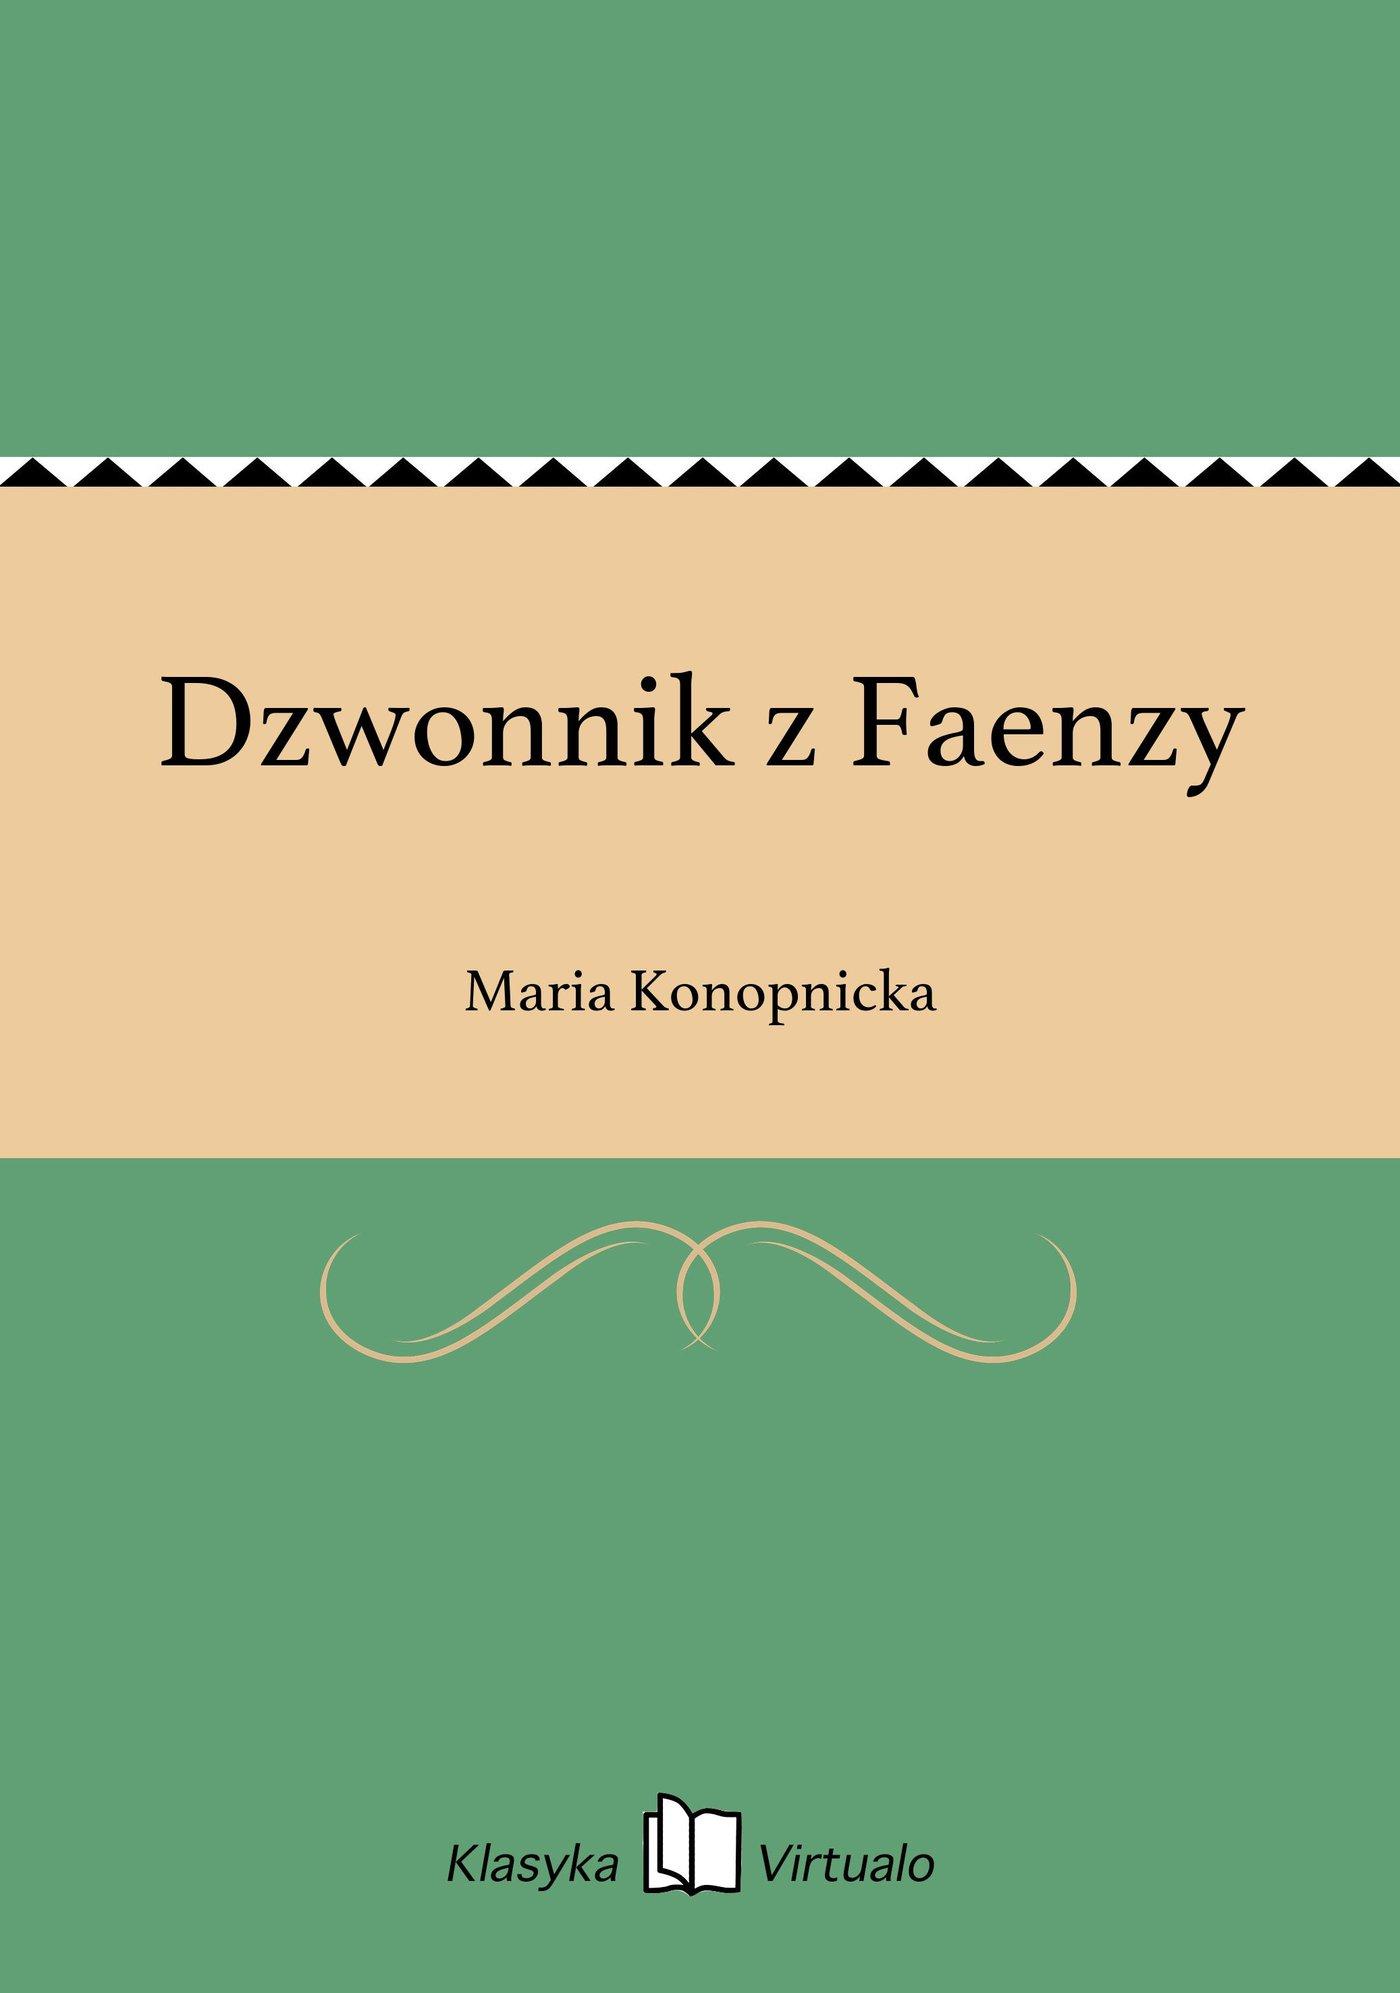 Dzwonnik z Faenzy - Ebook (Książka EPUB) do pobrania w formacie EPUB